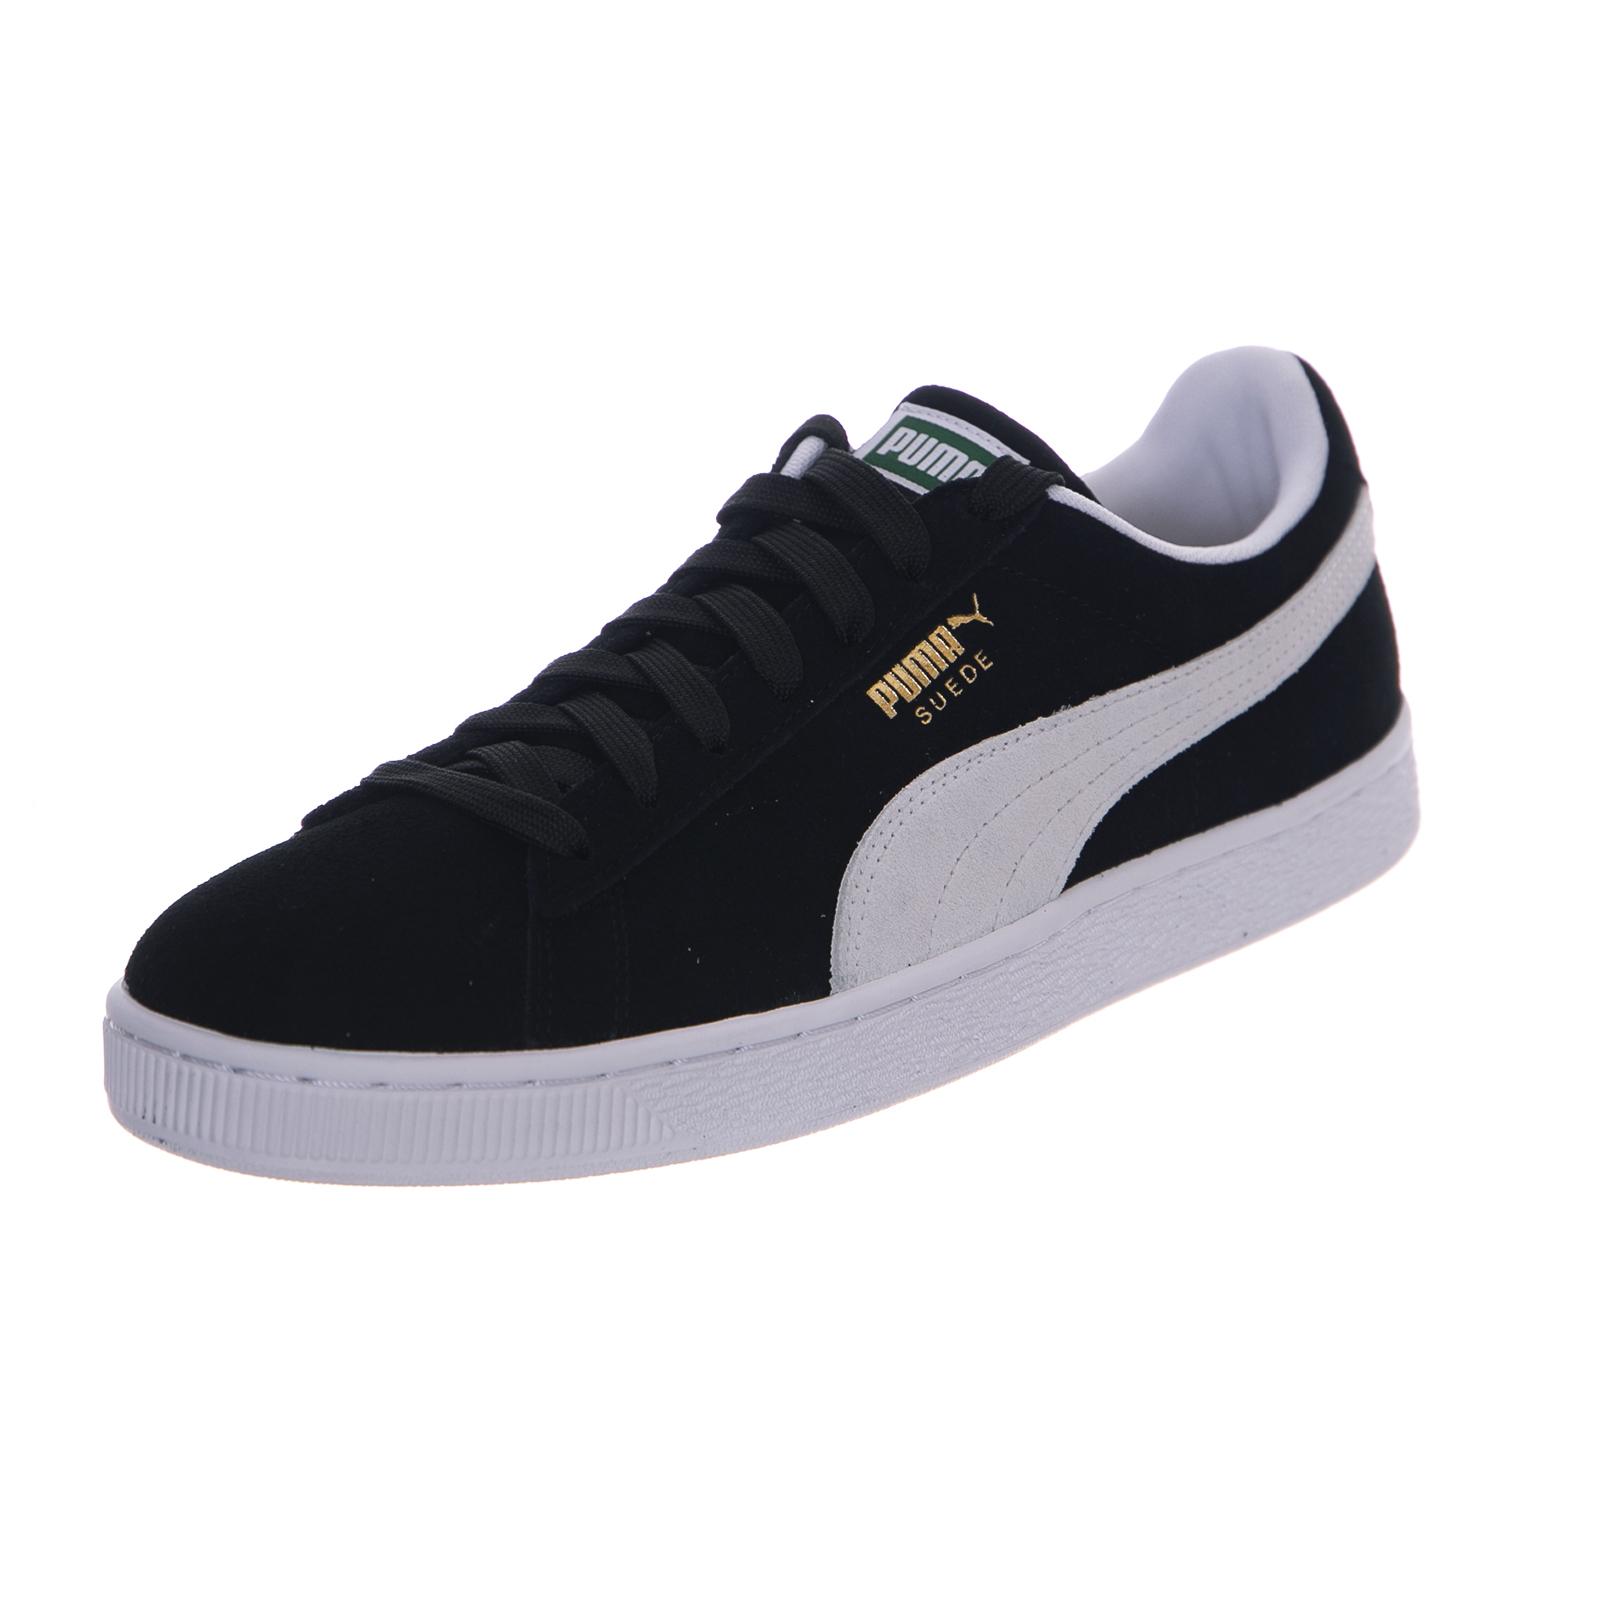 Puma camoscio nero nero camoscio classico bianco nero 2d4db0